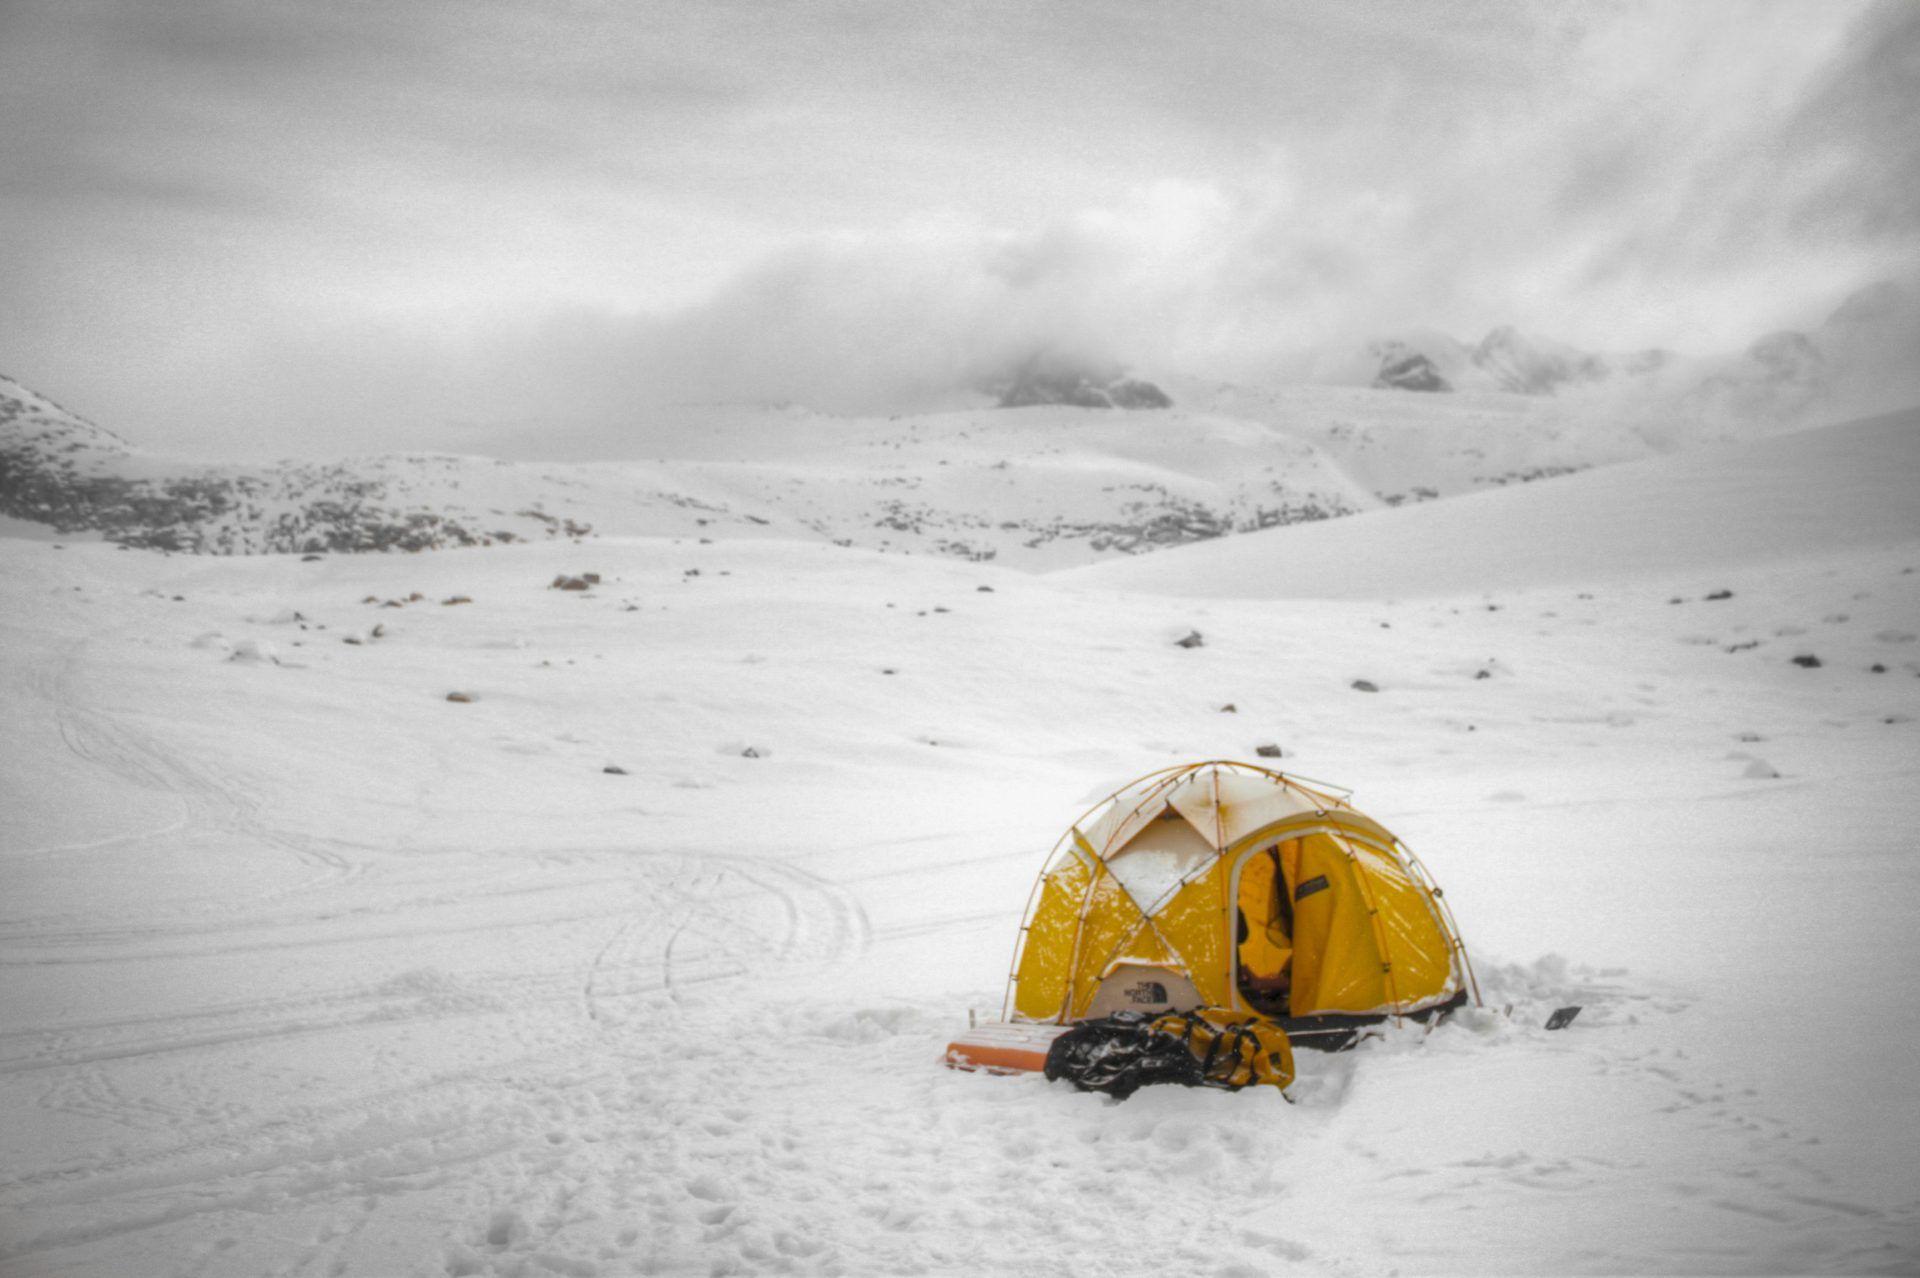 trucs pour faire du camping quand il fait froid l 39 aventure t 39 appelle. Black Bedroom Furniture Sets. Home Design Ideas